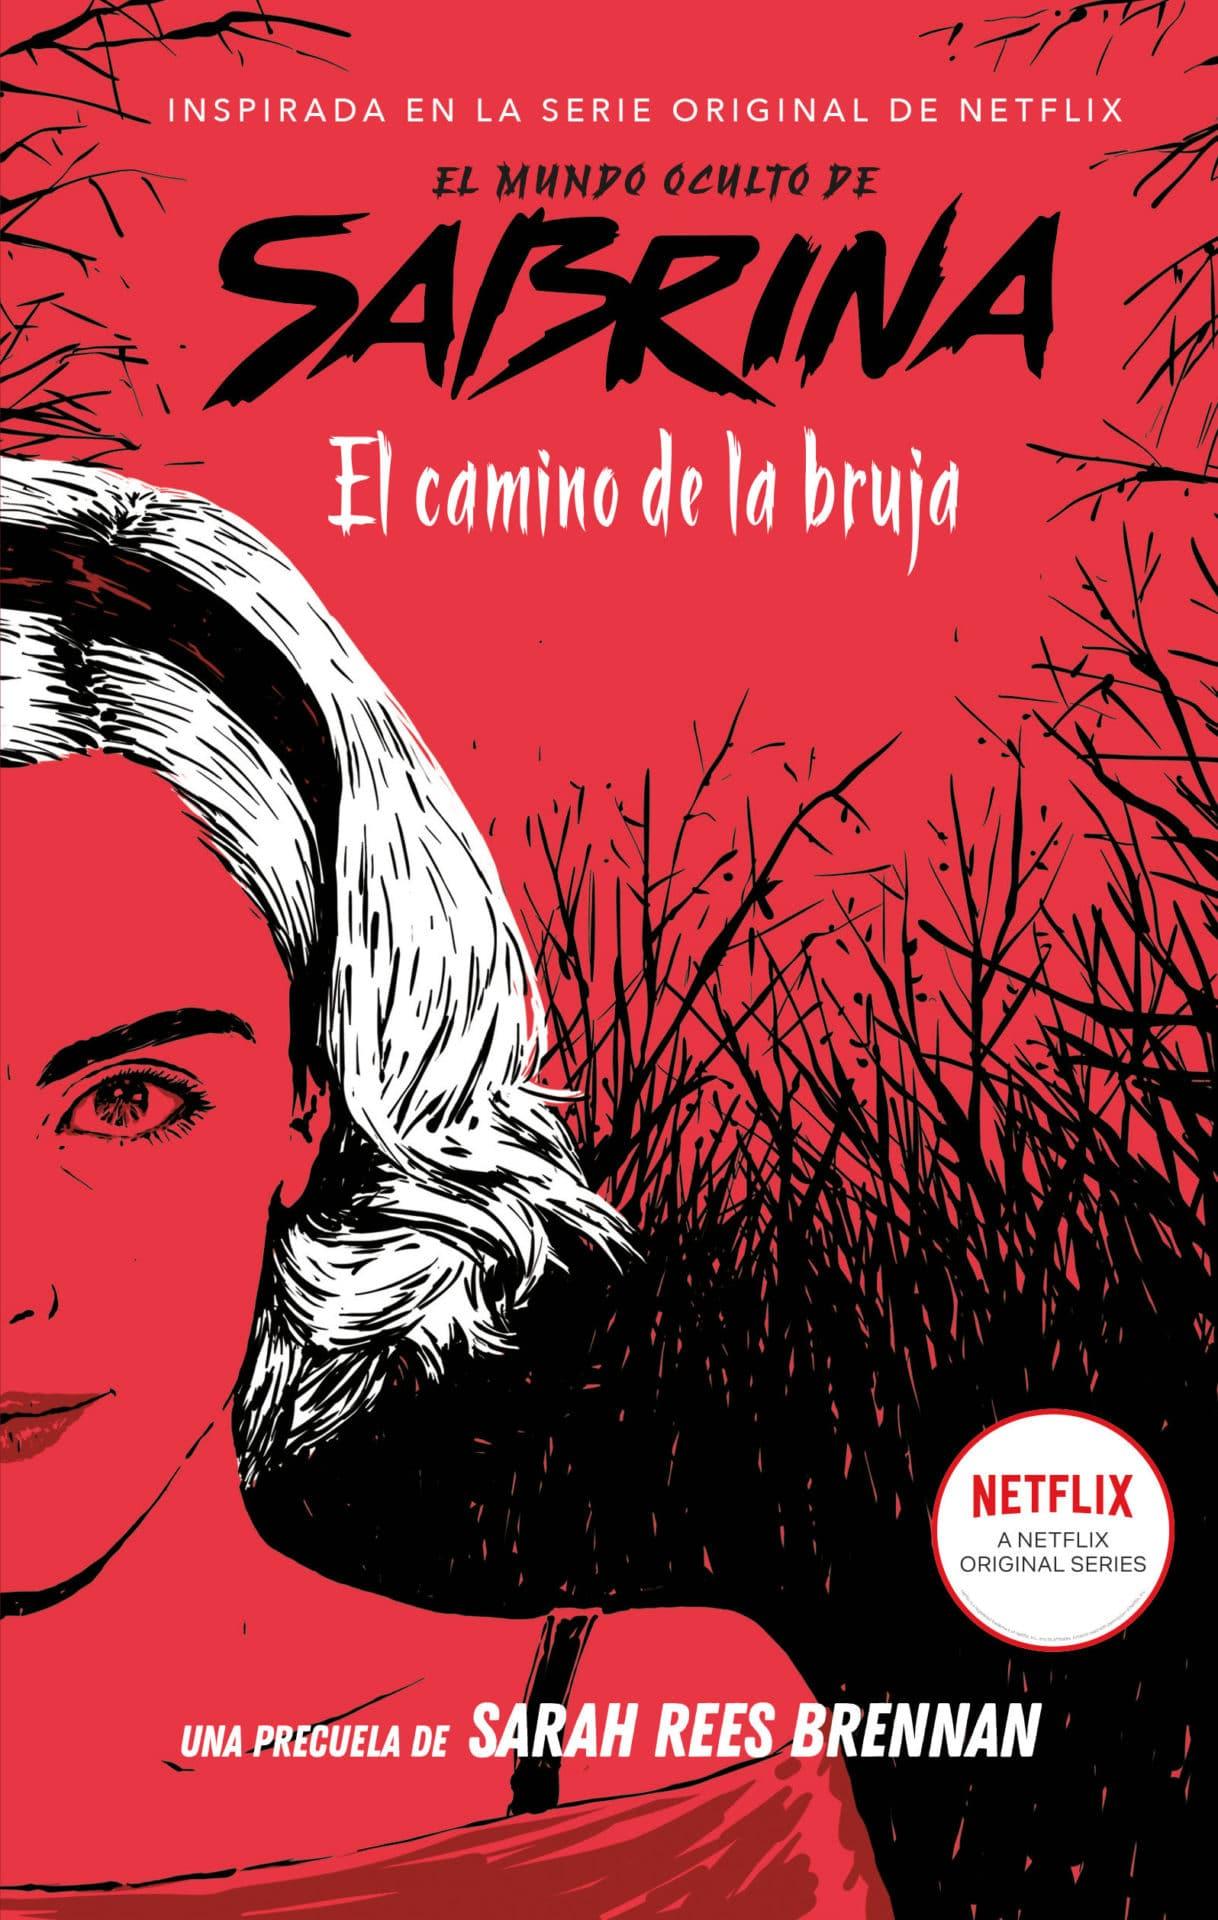 El mundo oculto de Sabrina: El camino de la bruja